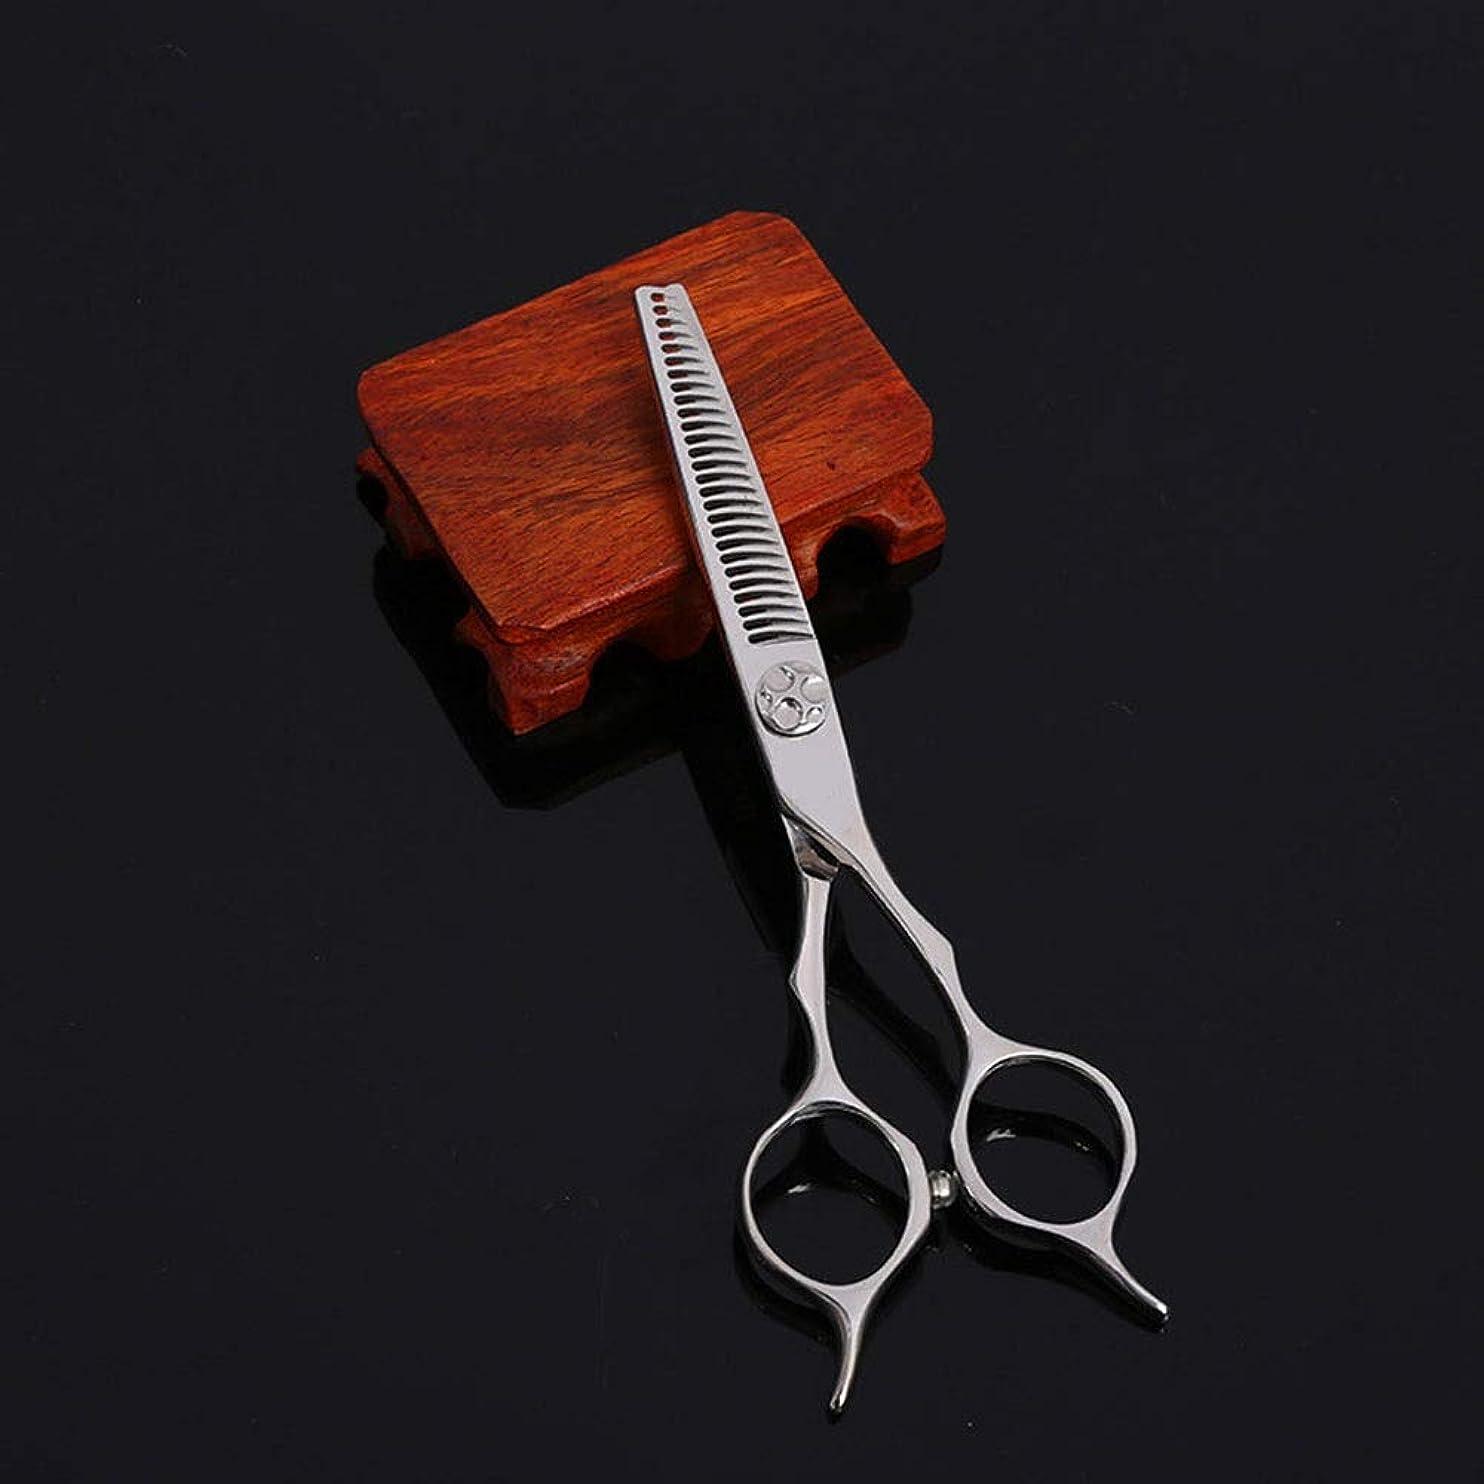 ディプロマせせらぎ主導権5.5インチの美容院のステンレス鋼のヘアカットの専門用はさみ モデリングツール (色 : Silver)